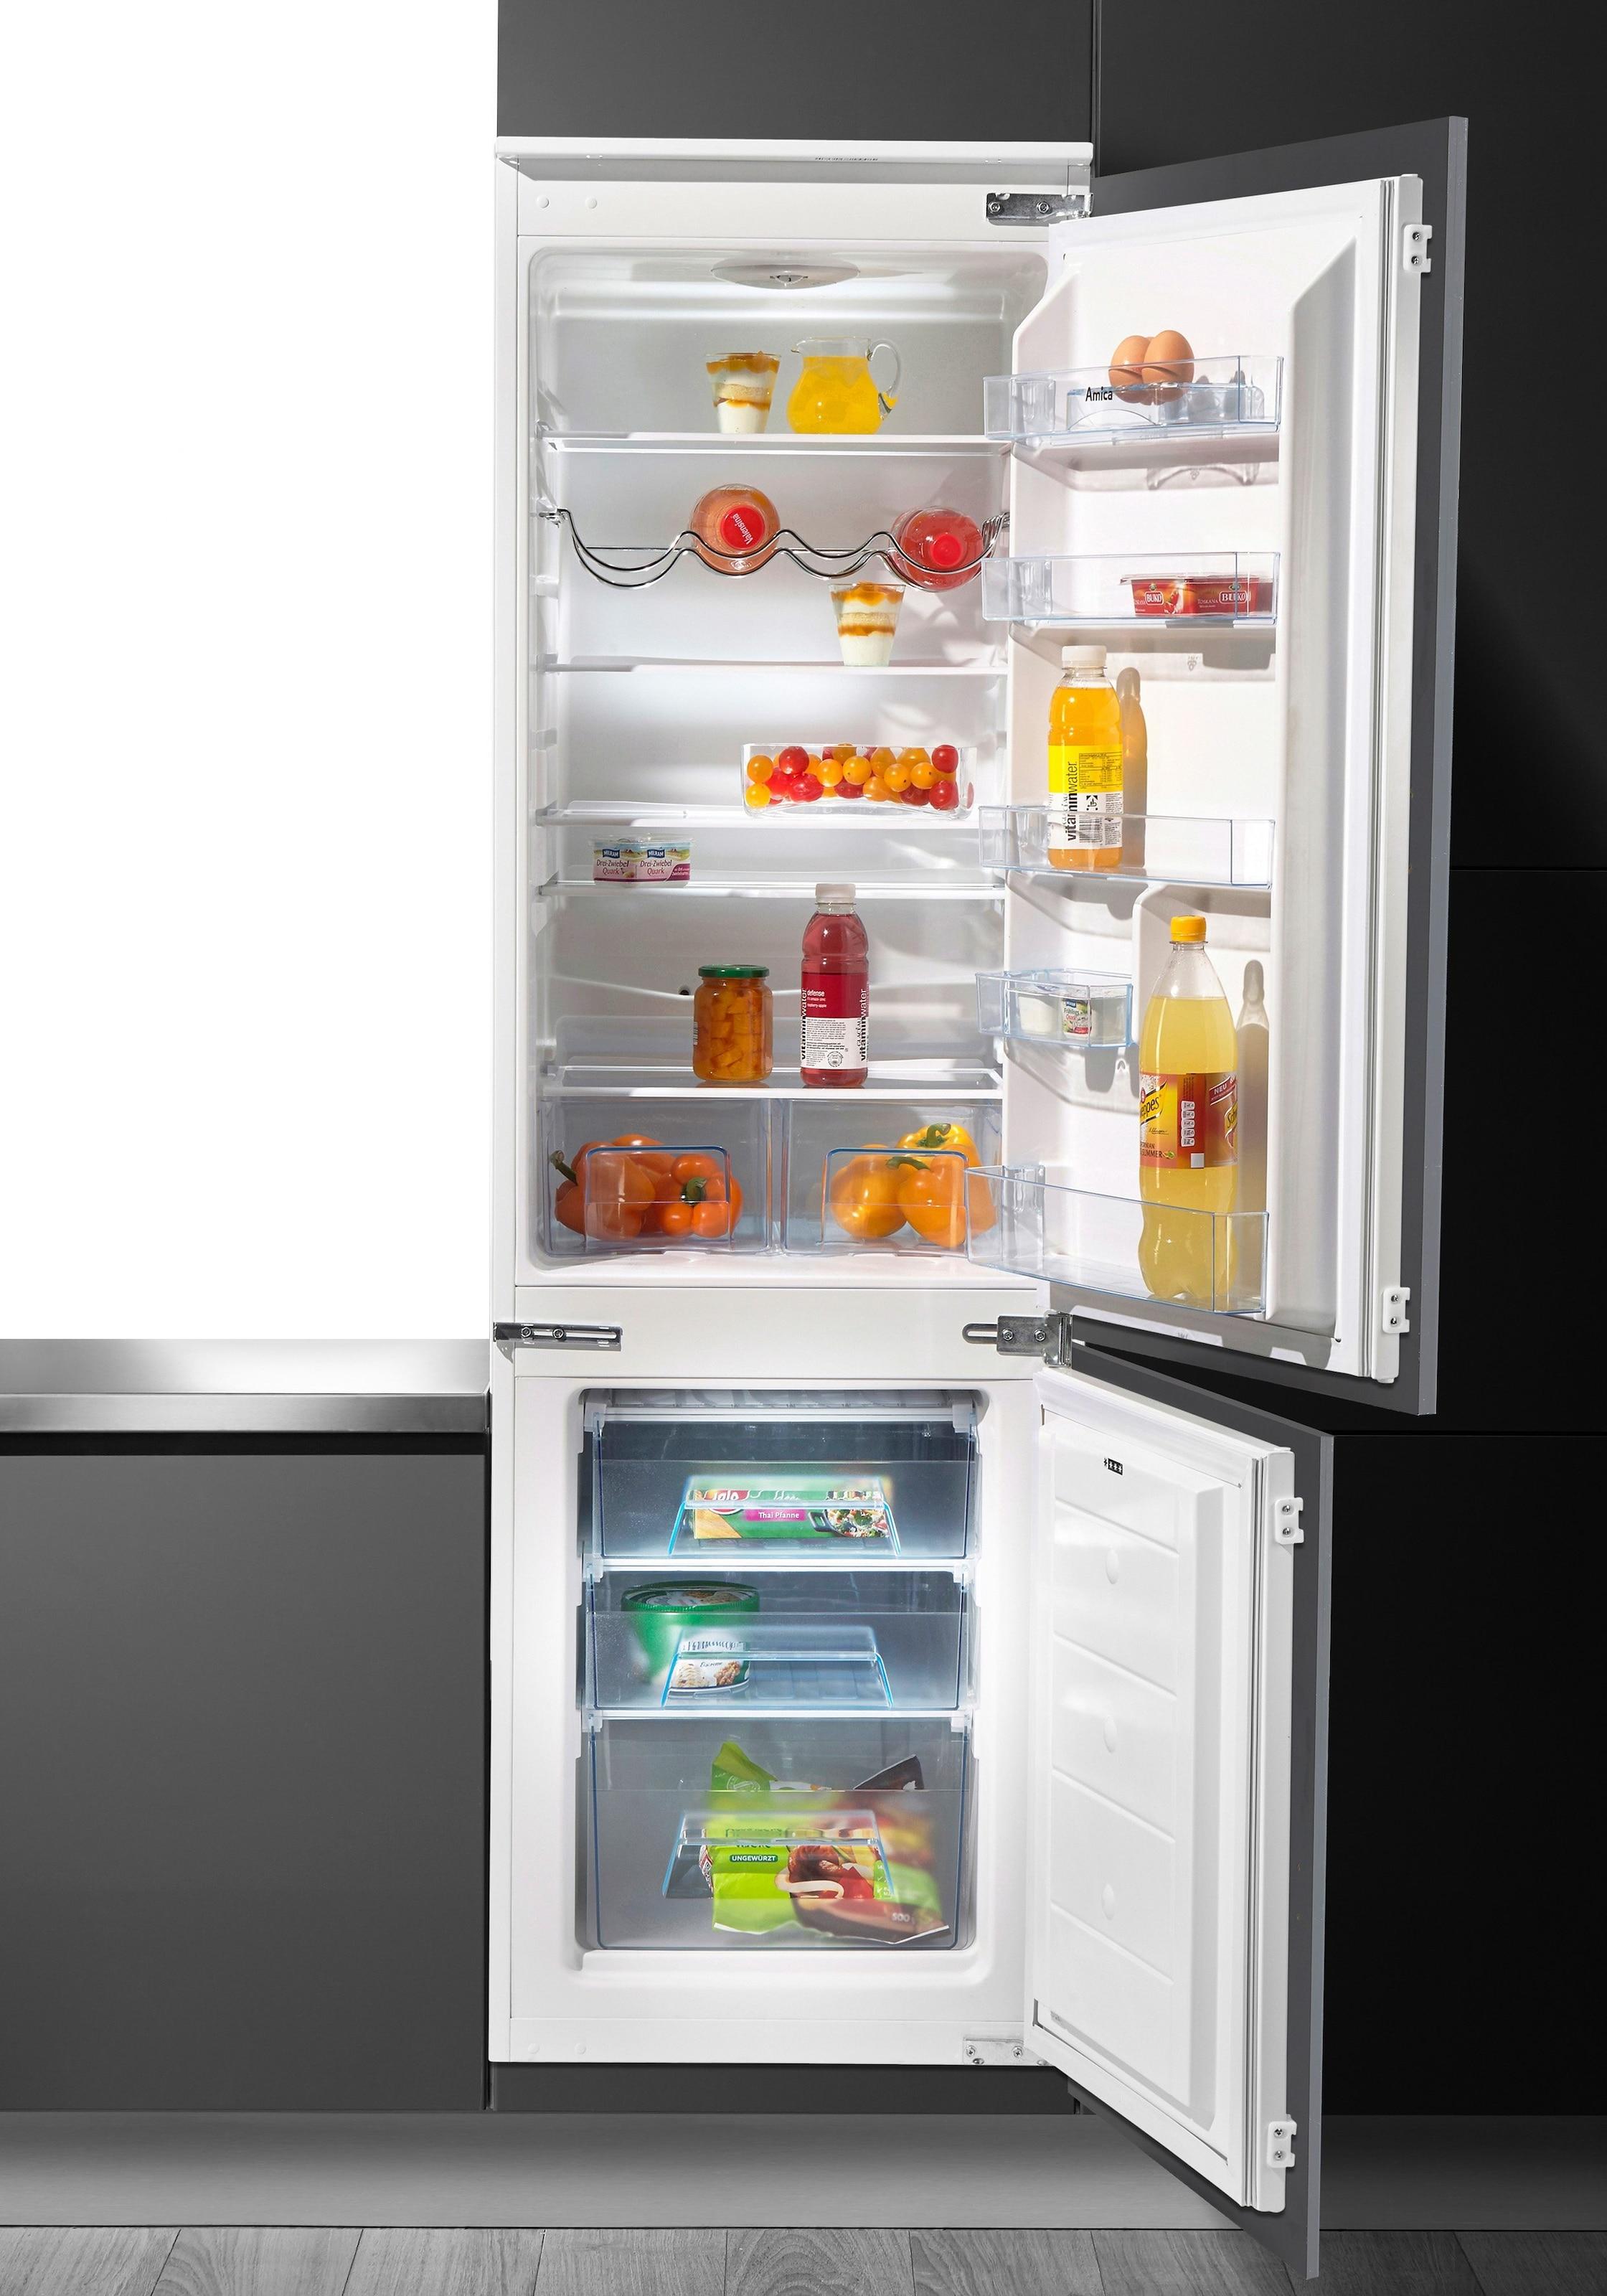 Amica Kühlschrank Einbau : Einbau kühl gefrierkombination auf rechnung raten kaufen baur